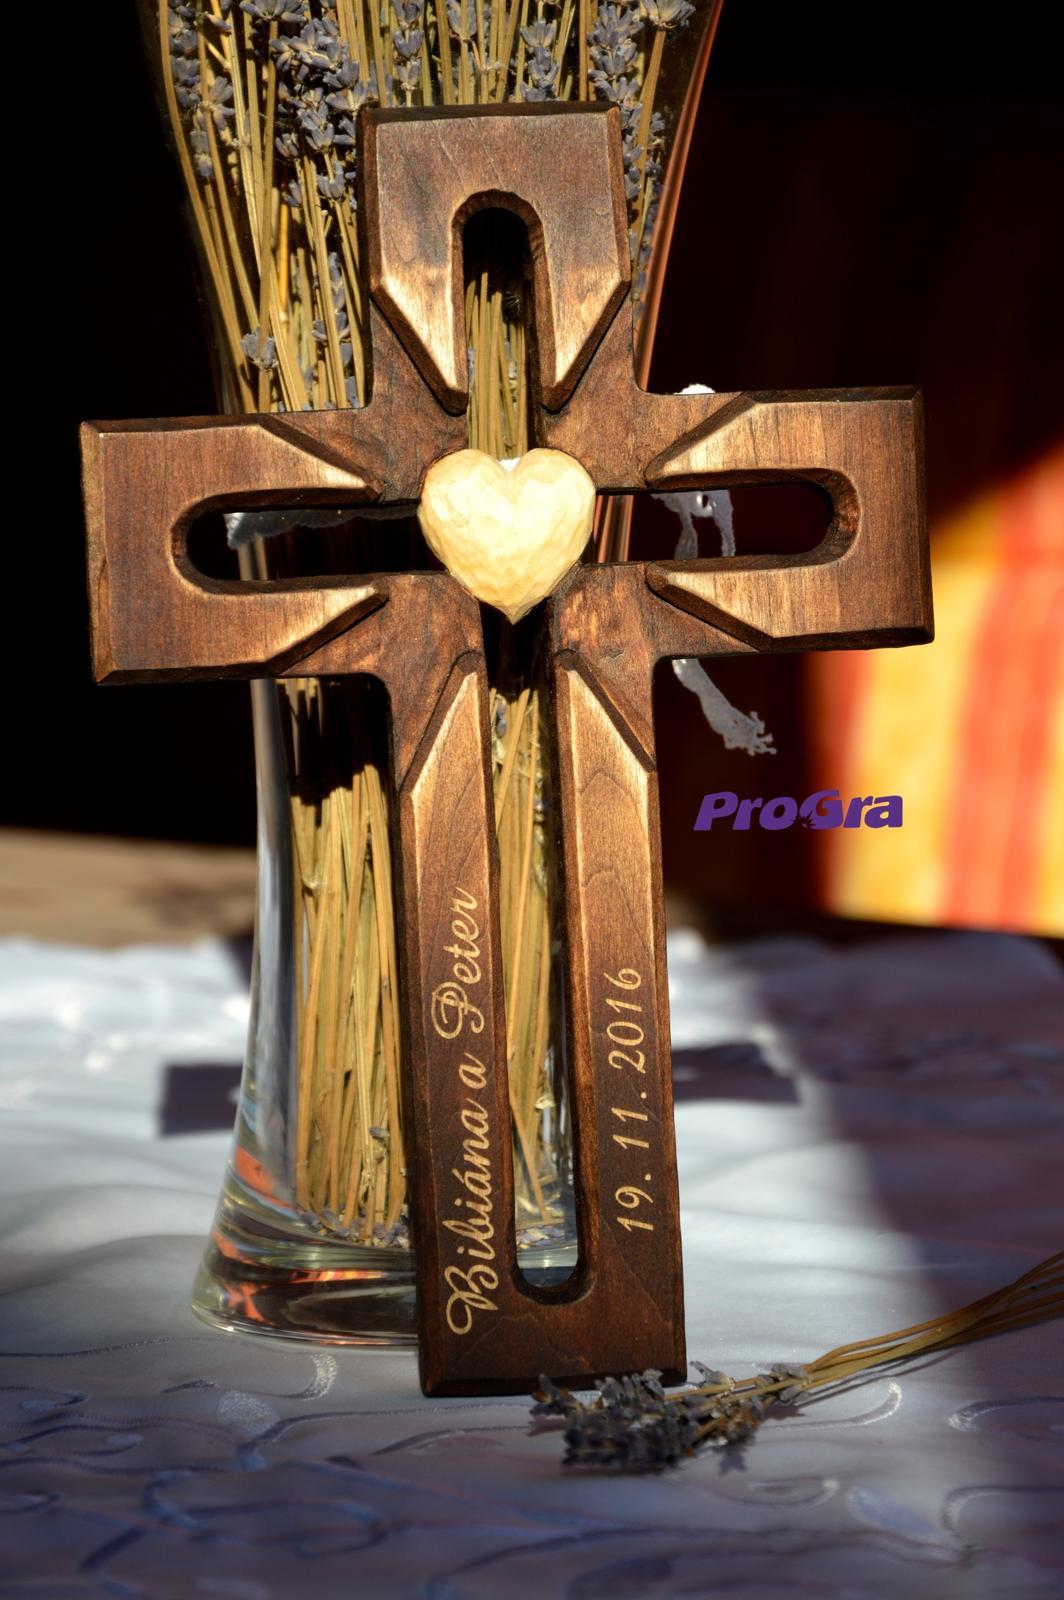 Po svatbě - Paprskový křížek - tmavý - krásná vzpomínková dekorace